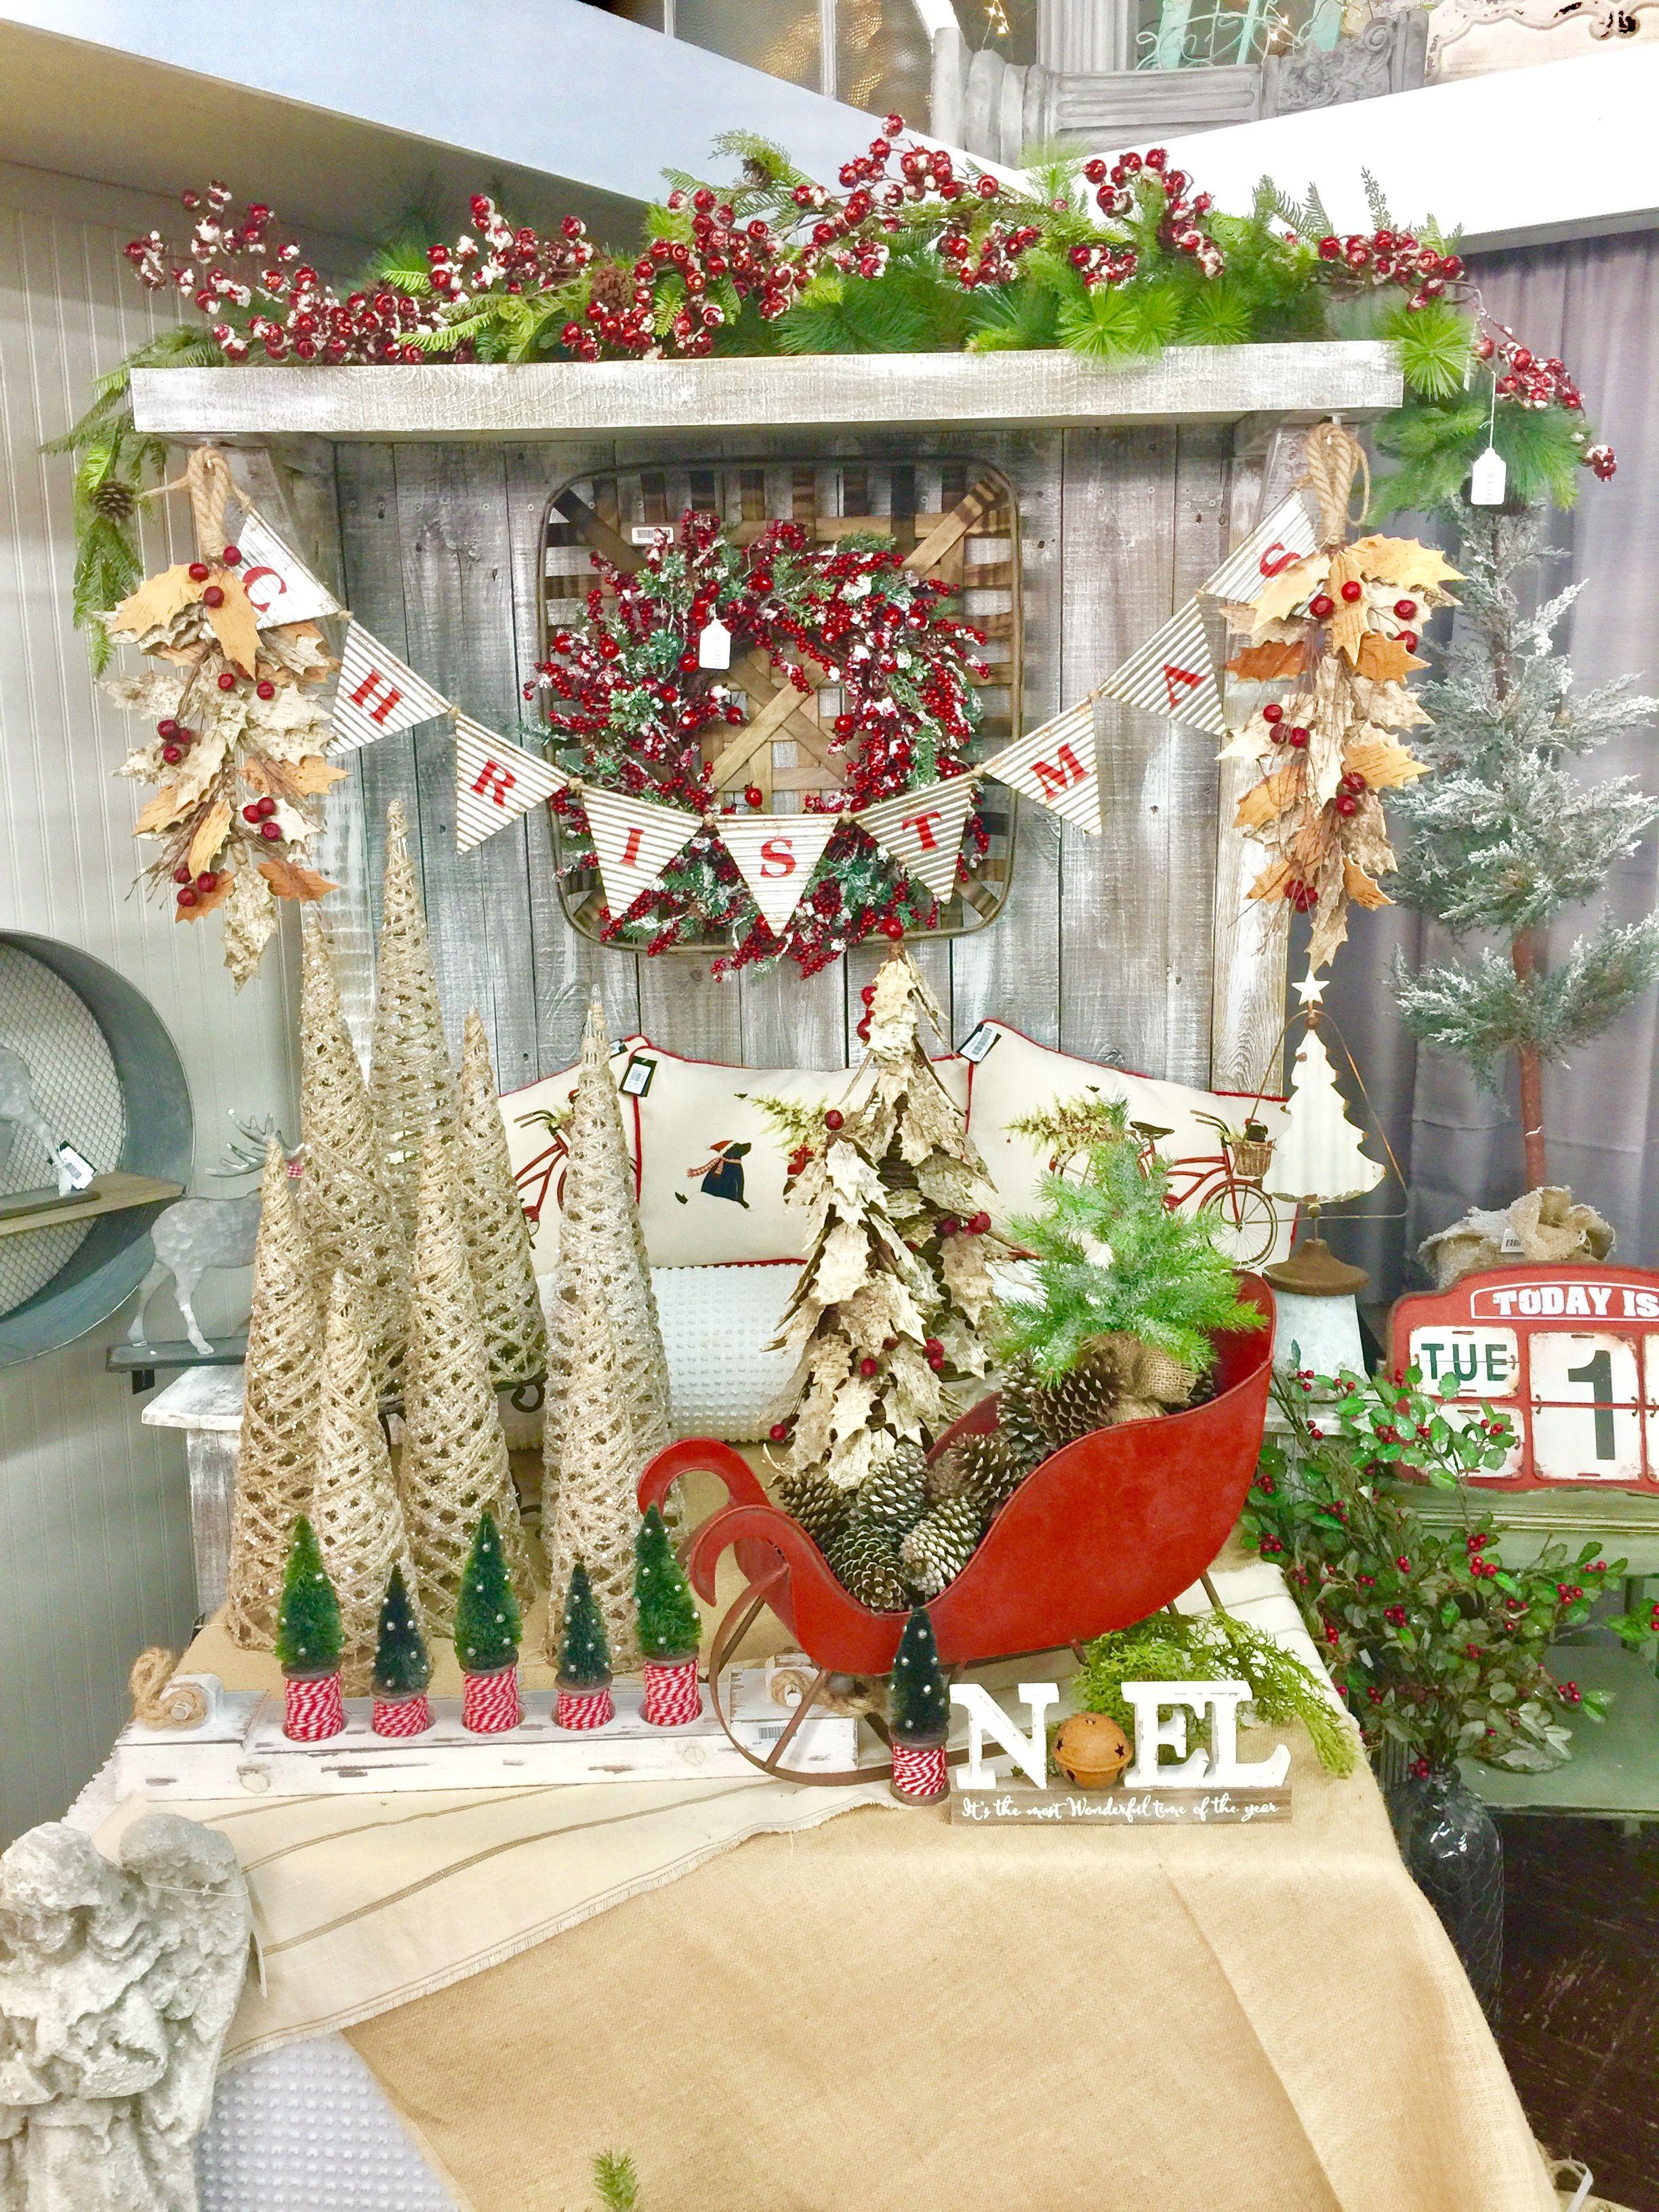 Farmhouse\ Country/ Rustic Christmas #RusticChristmas #FarmhouseChristmas #countrychristmas #christmasbanner #redsleigh #metalsleigh #jutetrees #christmastrees #juteconetrees #blessyourheart #blessyourheartofal #eclecticalabama